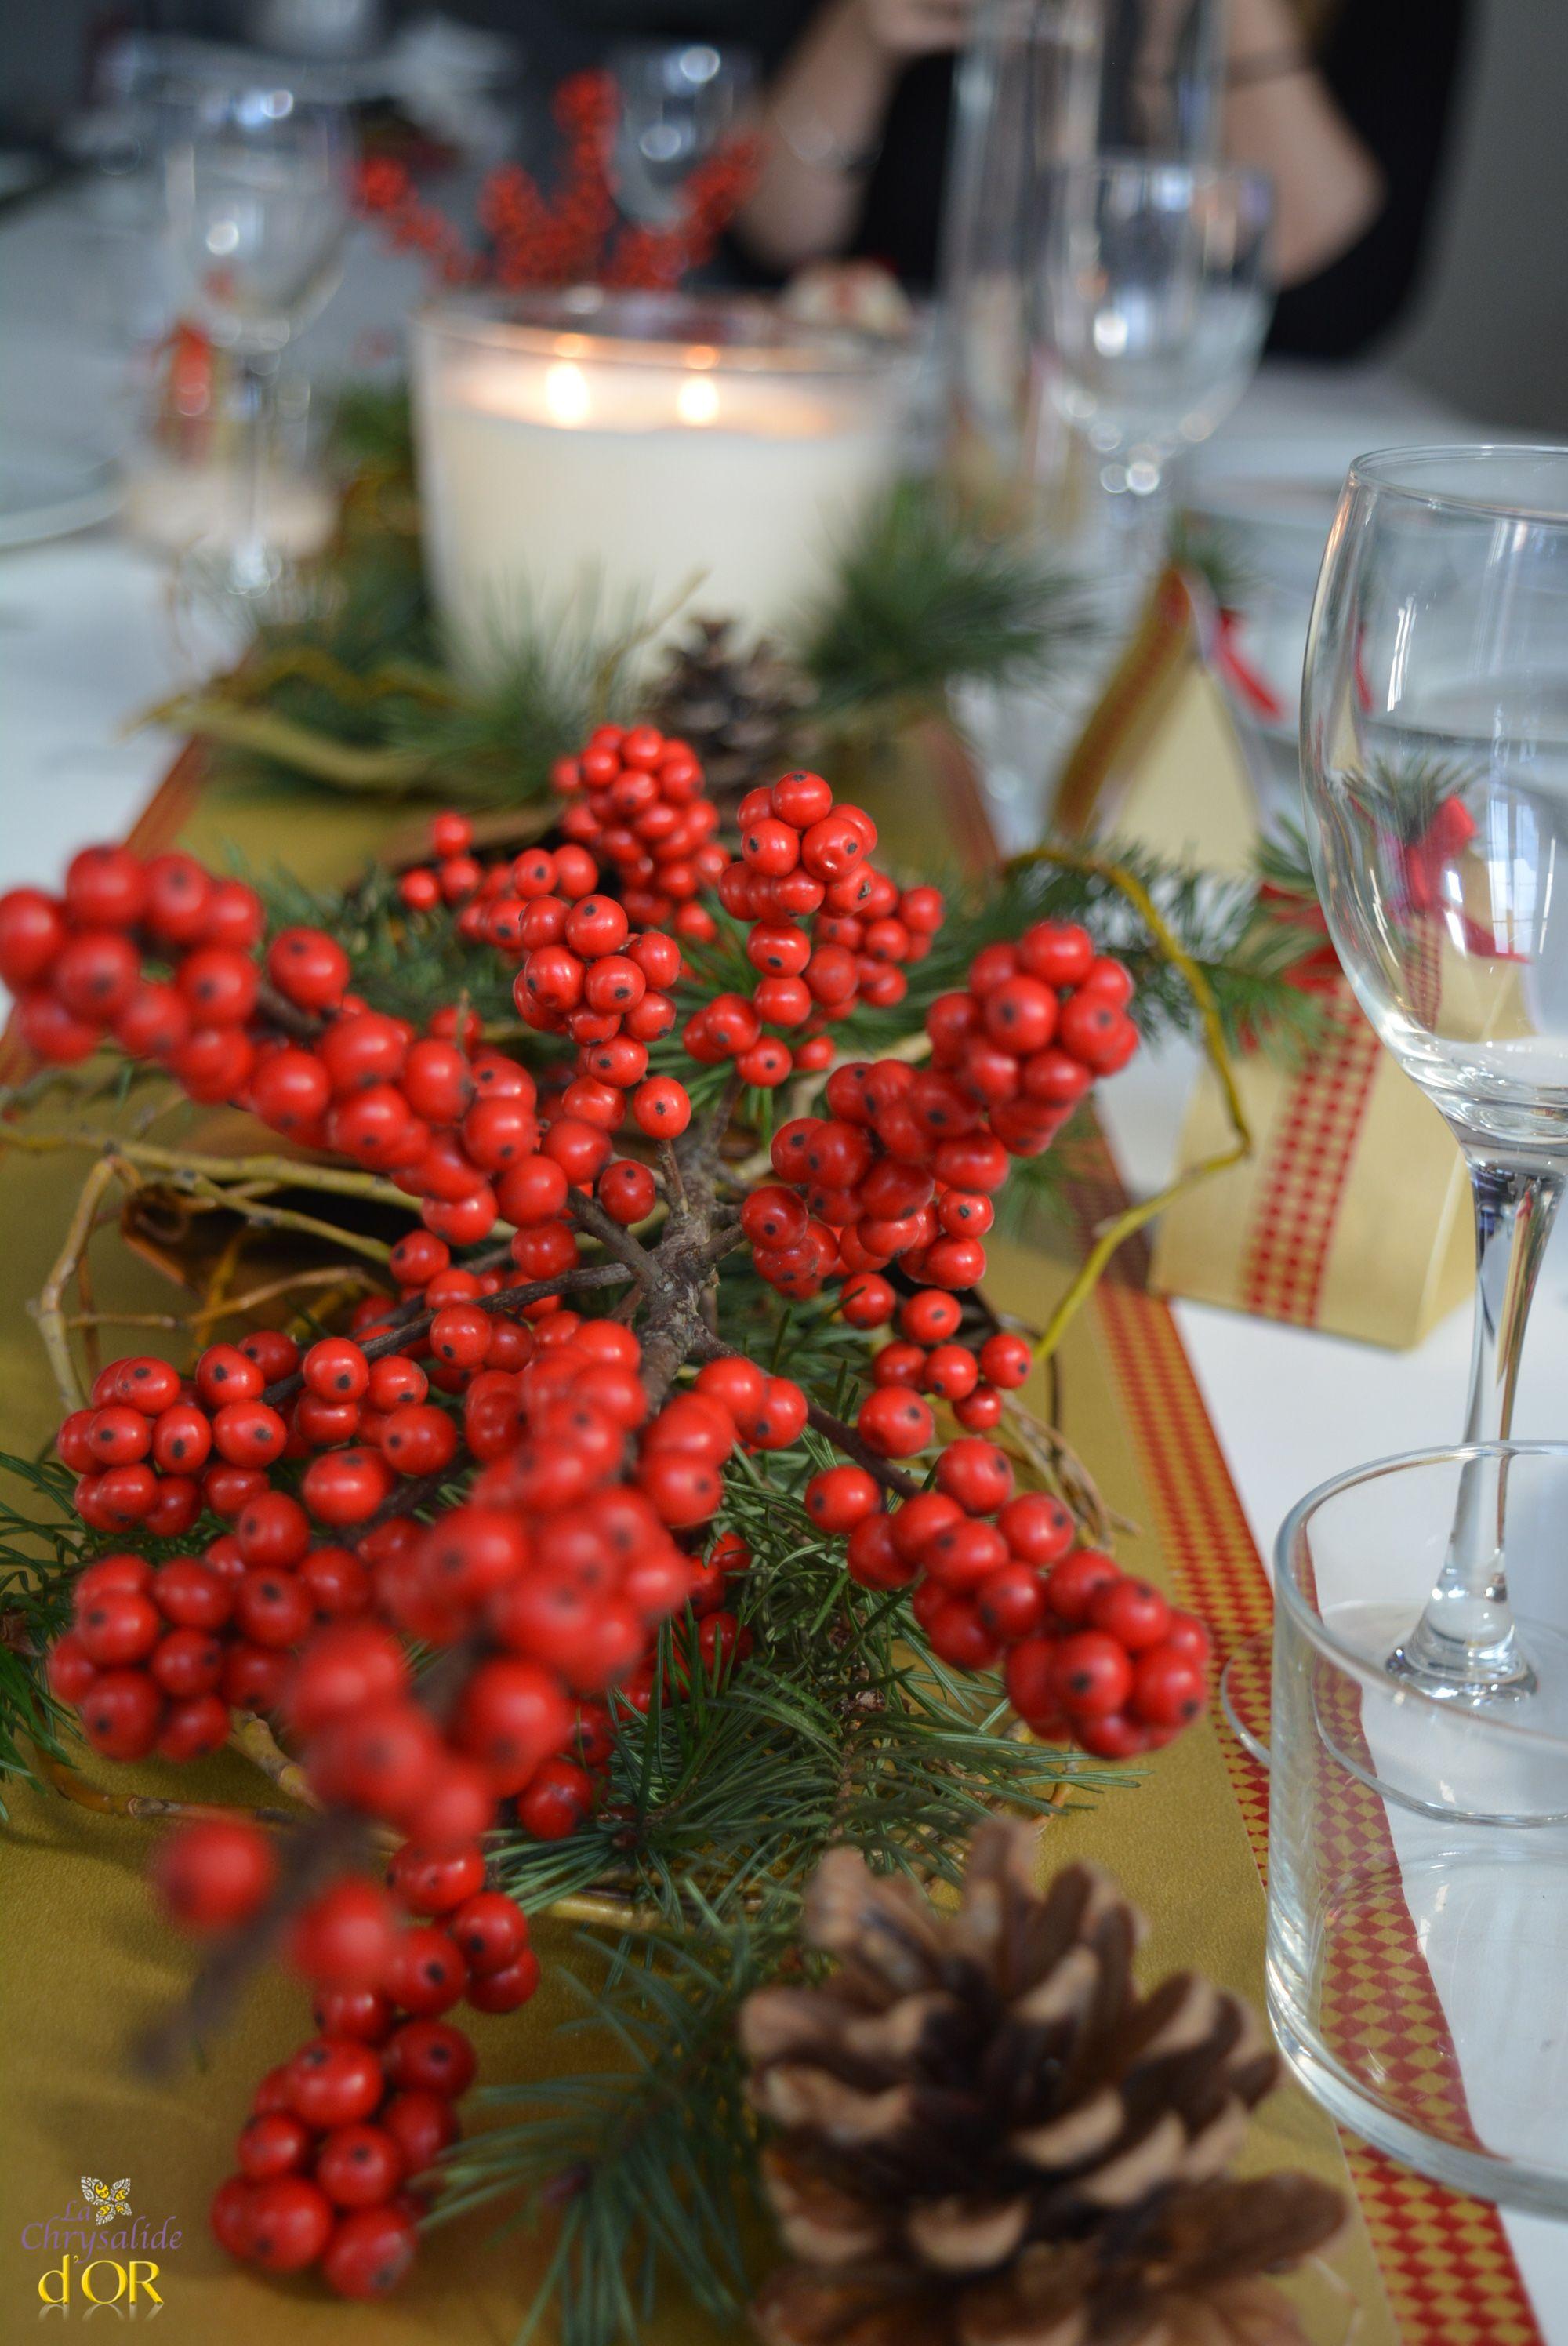 D Coration Table De Noel Rouge Et Dor , Christmas